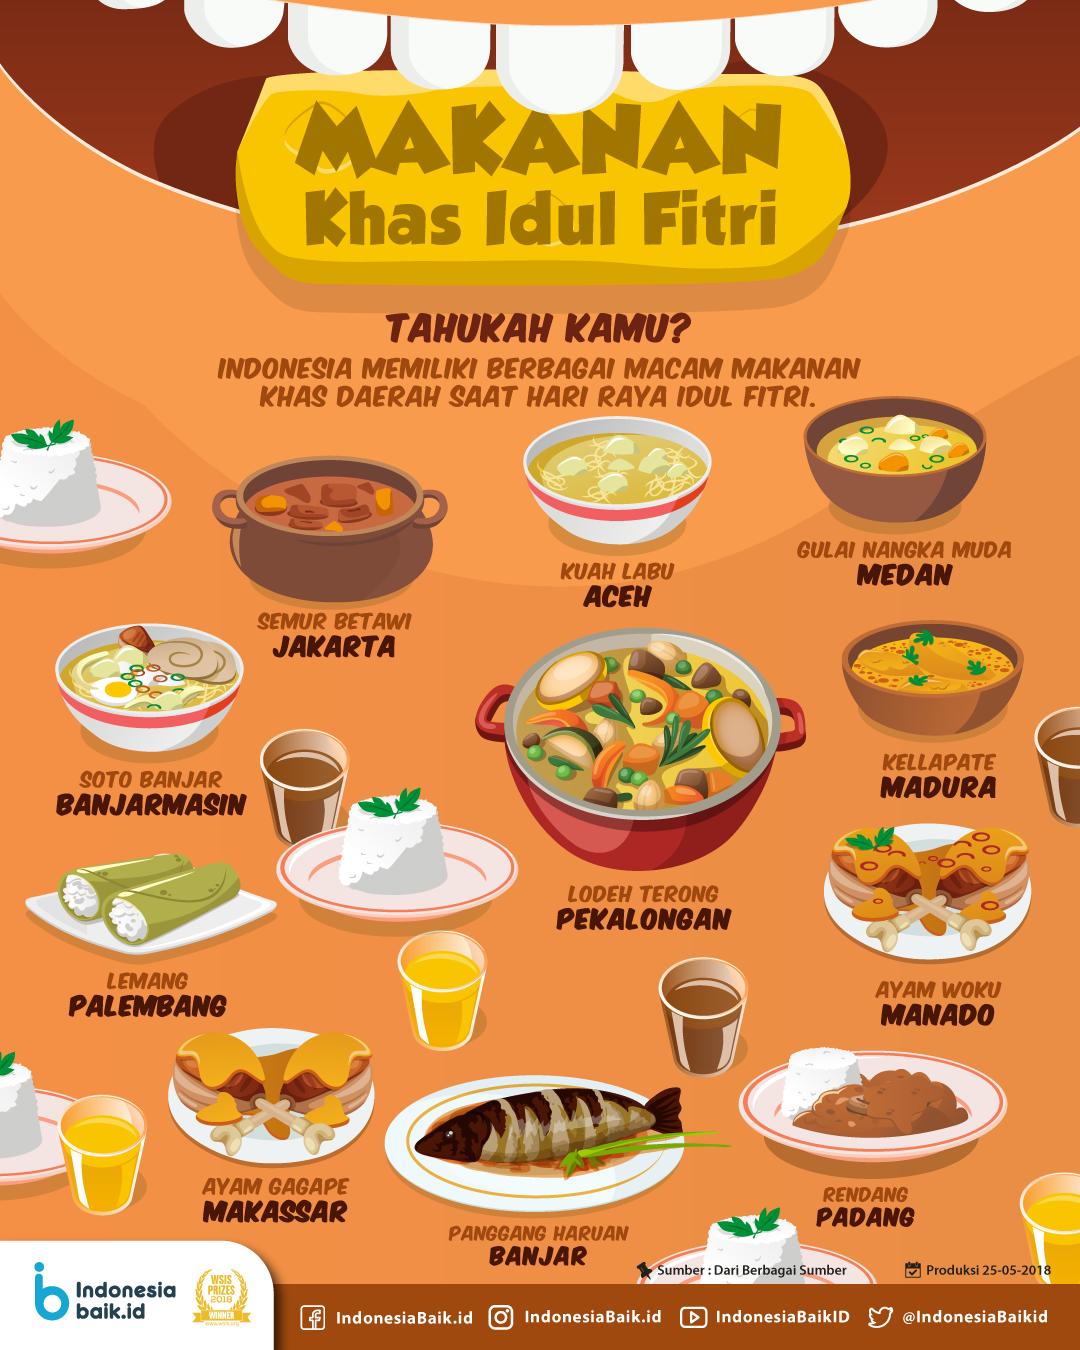 Makanan Khas Idul Fitri